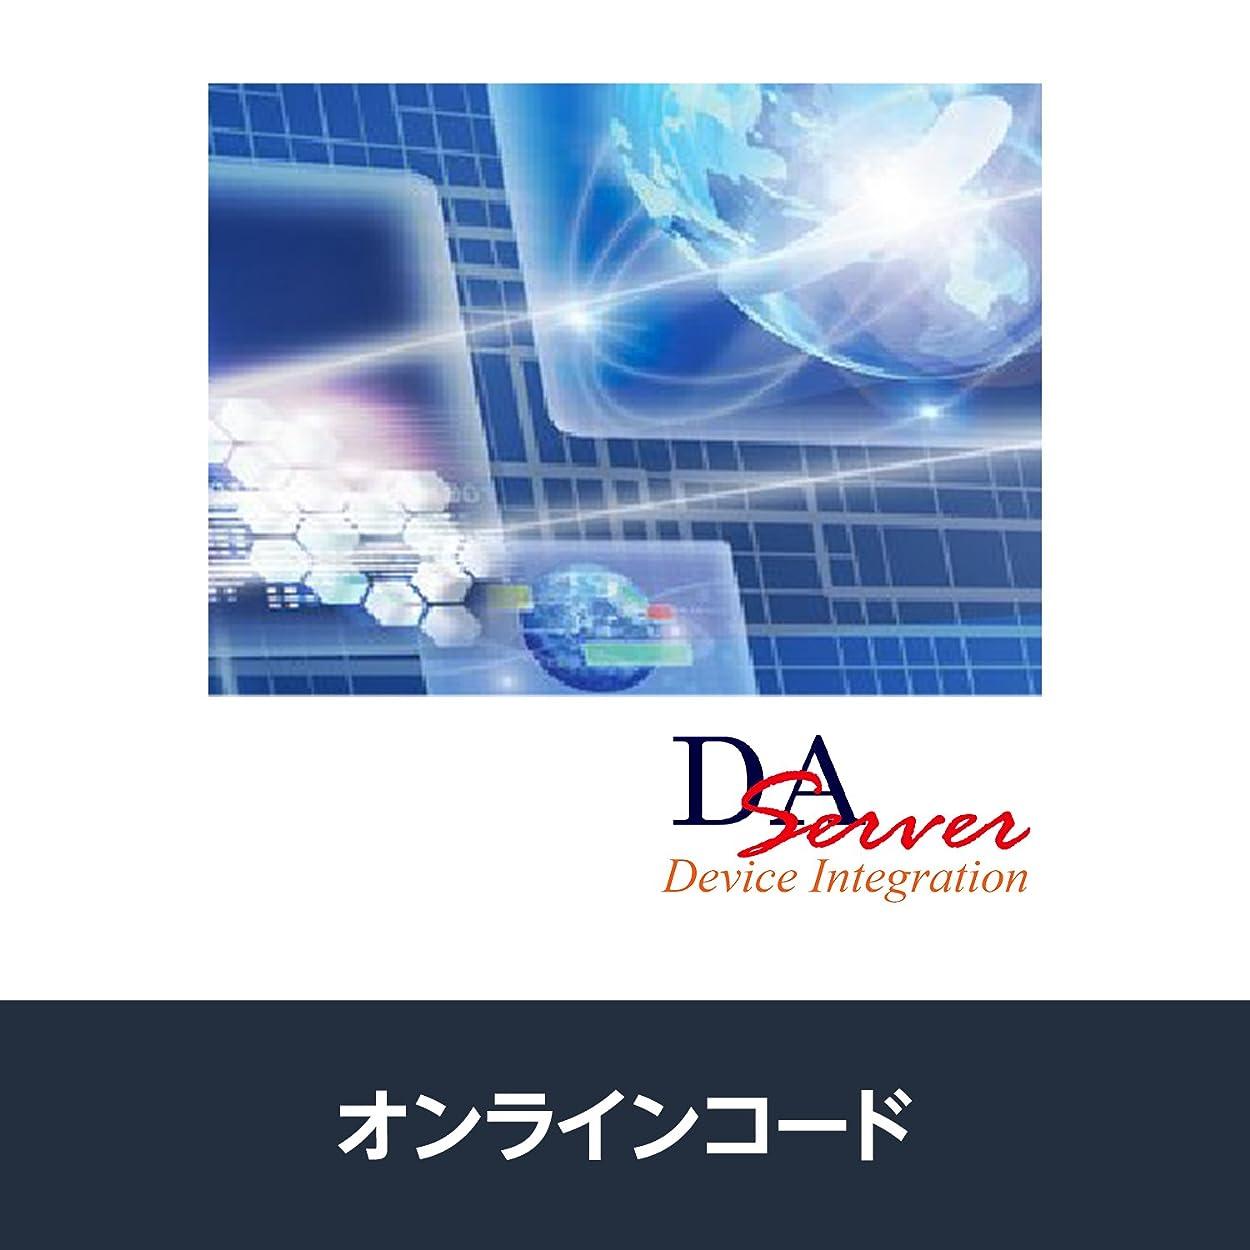 エアコン寄生虫寛大なMELSEC Ethernet DAServer(最新) Ver.2.30|オンラインコード版